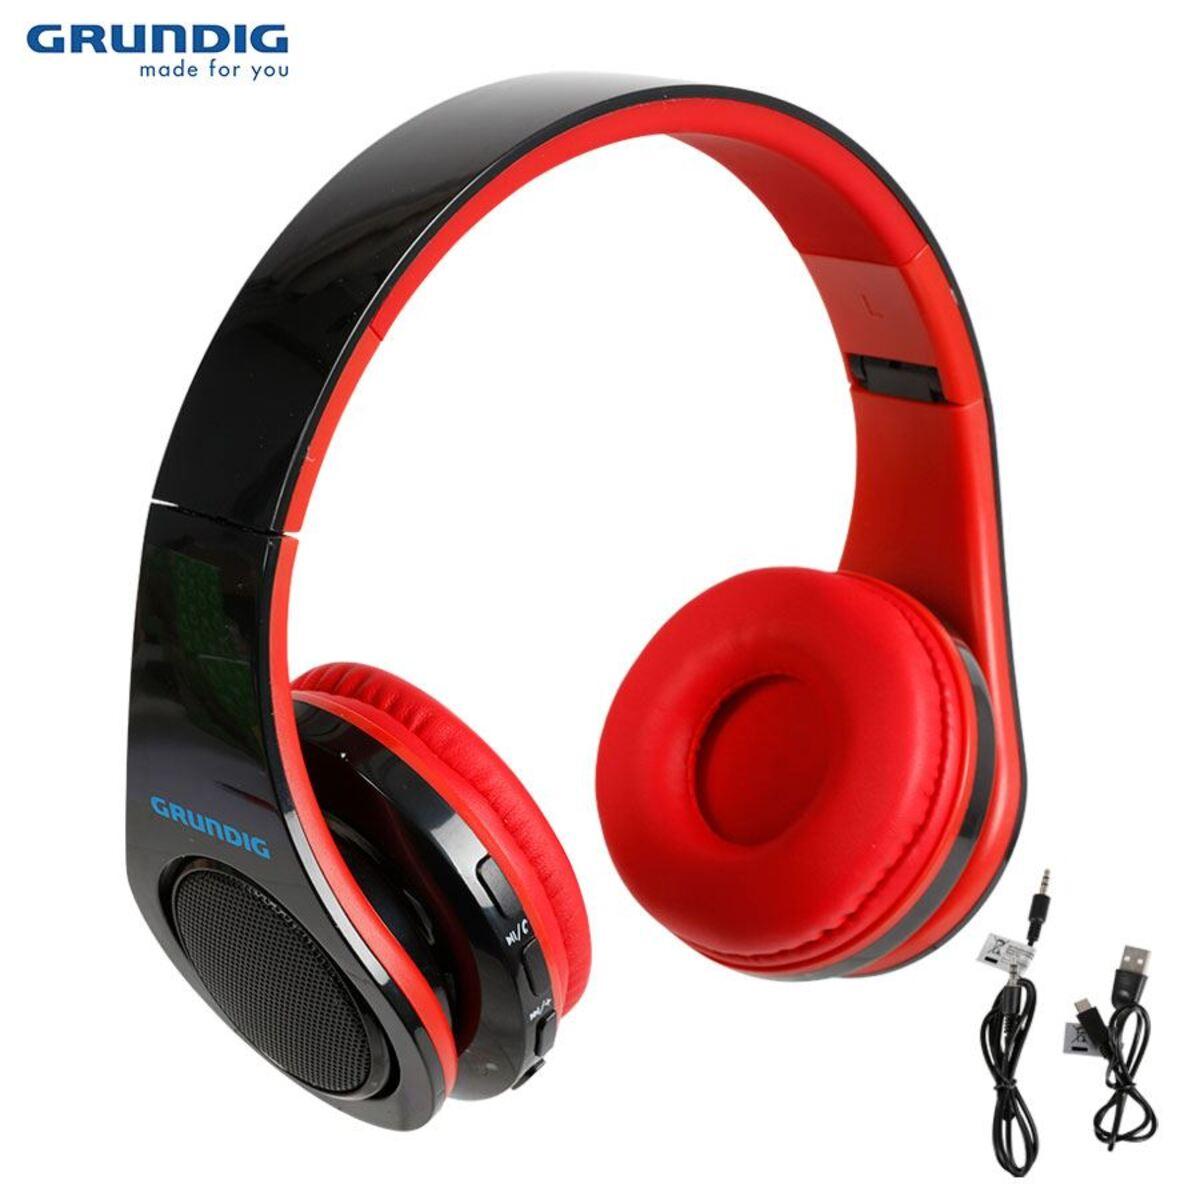 Bild 1 von Grundig Bluetooth-Stereo-Kopfhörer mit LED-Diskolicht Rot/Schwarz